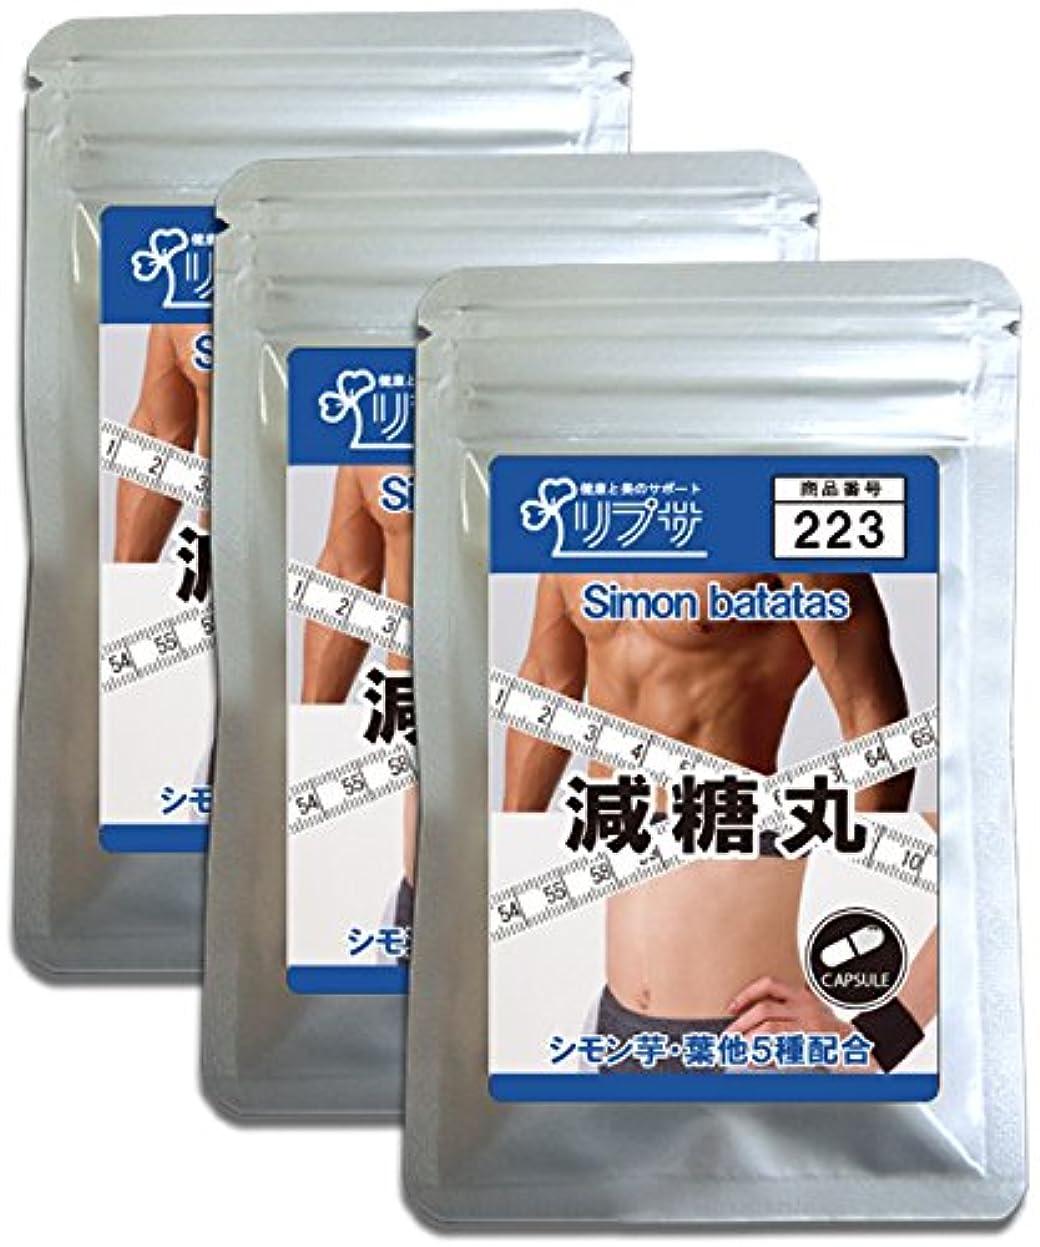 小石気になる王族減糖丸 約1か月分×3袋セット C-223-3